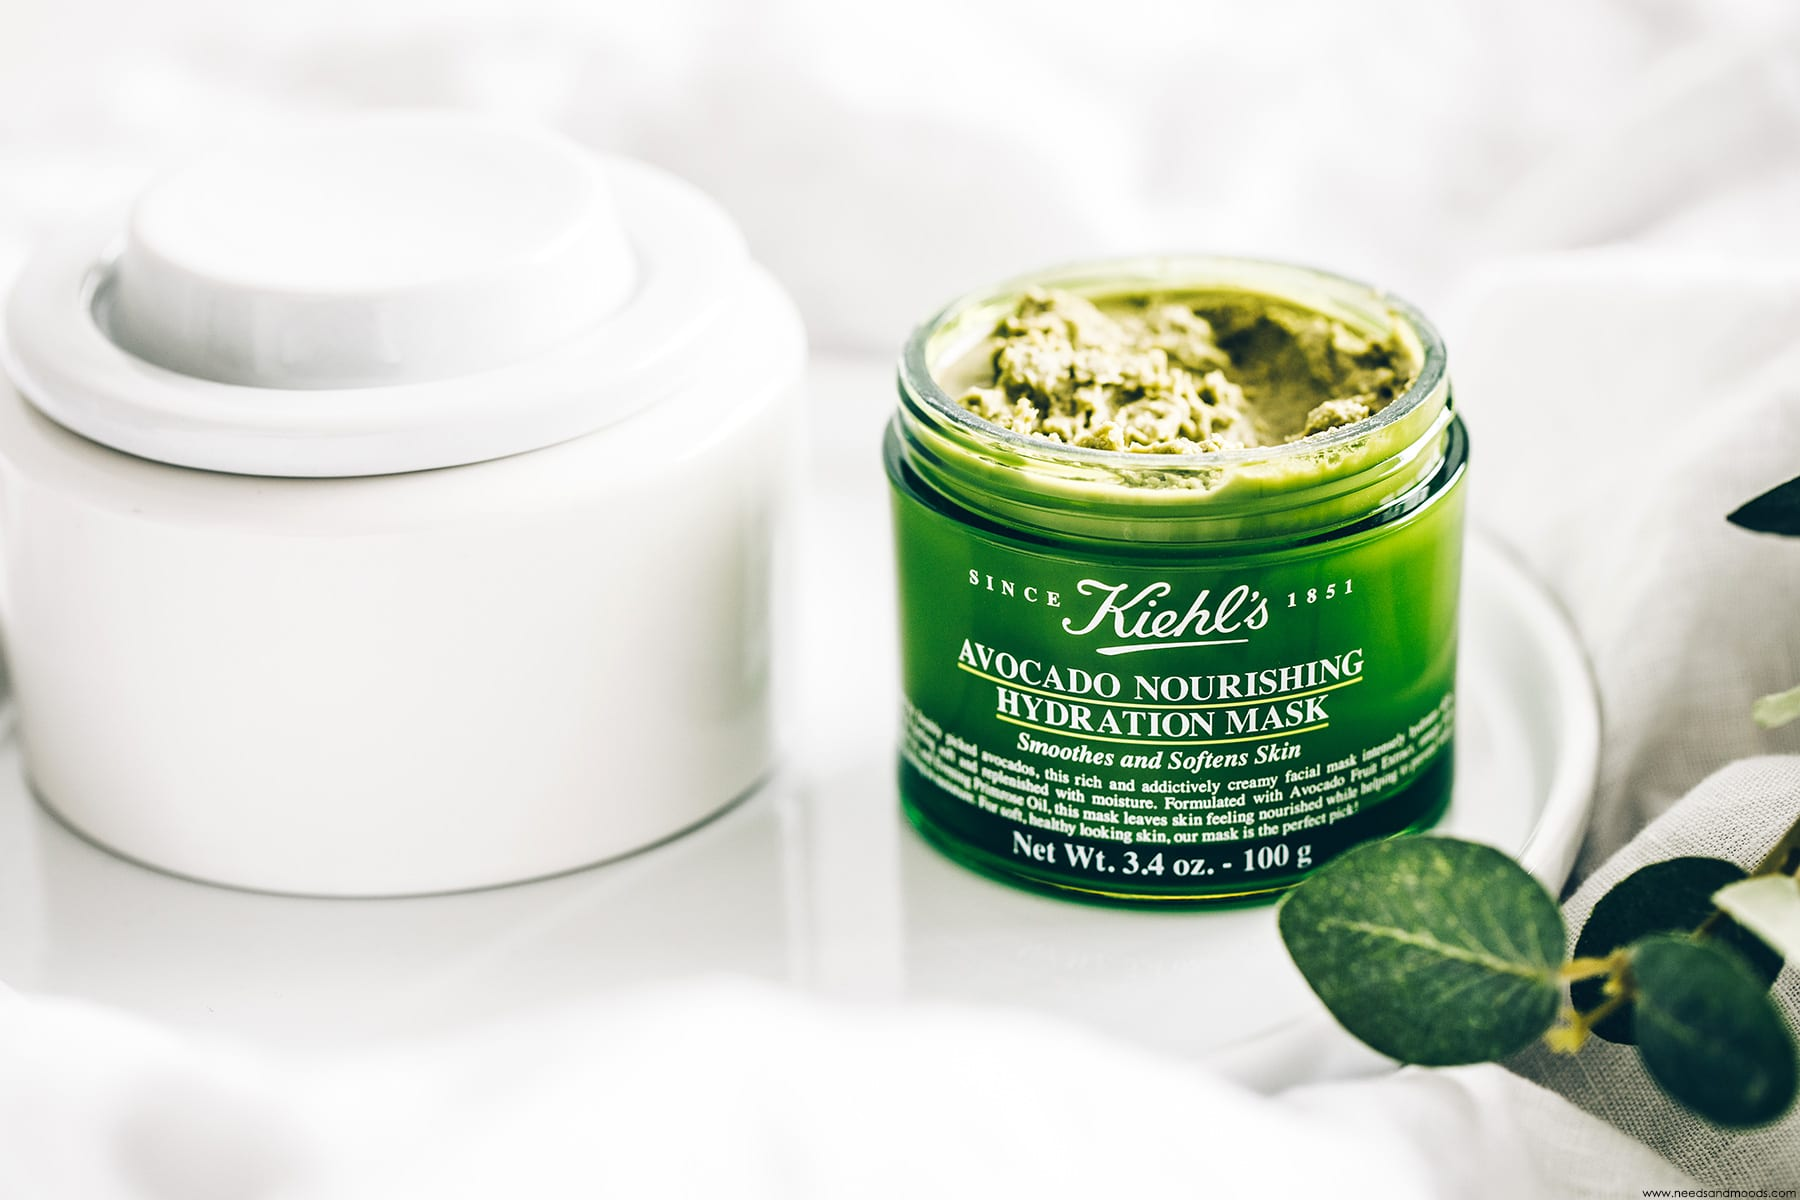 kiehls avocado nourishing hydration mask